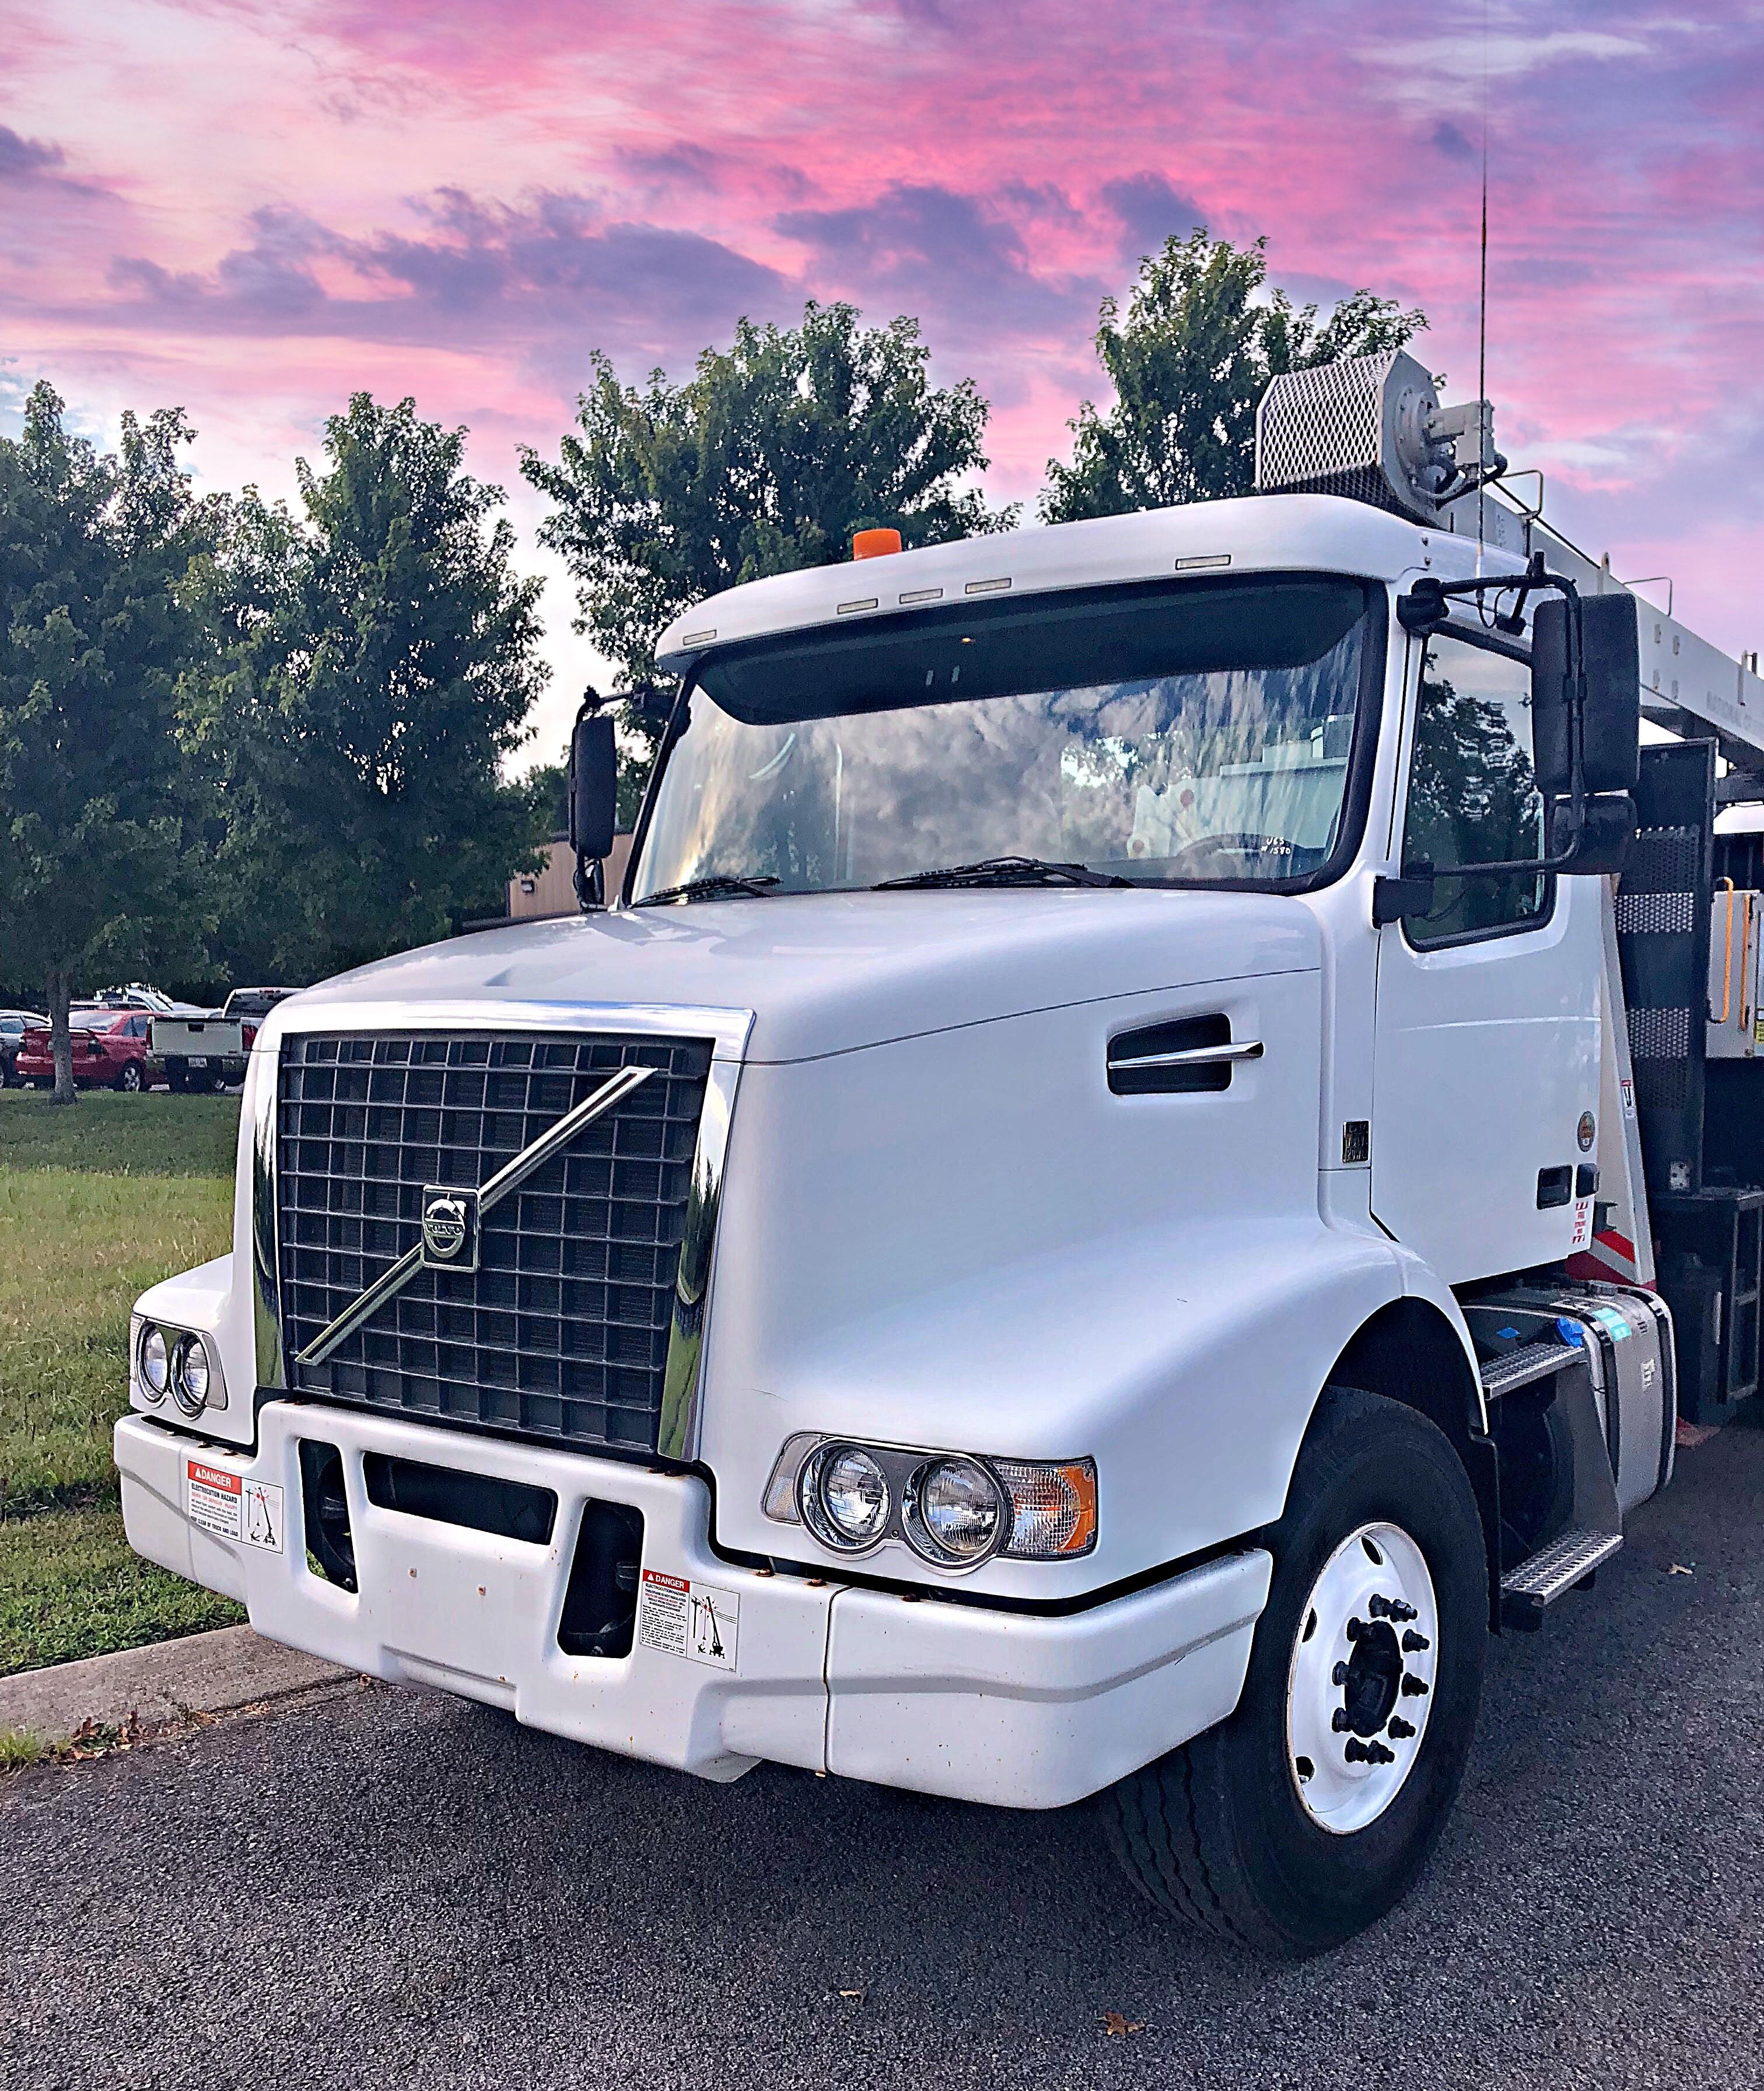 unit 1580 front truck sky